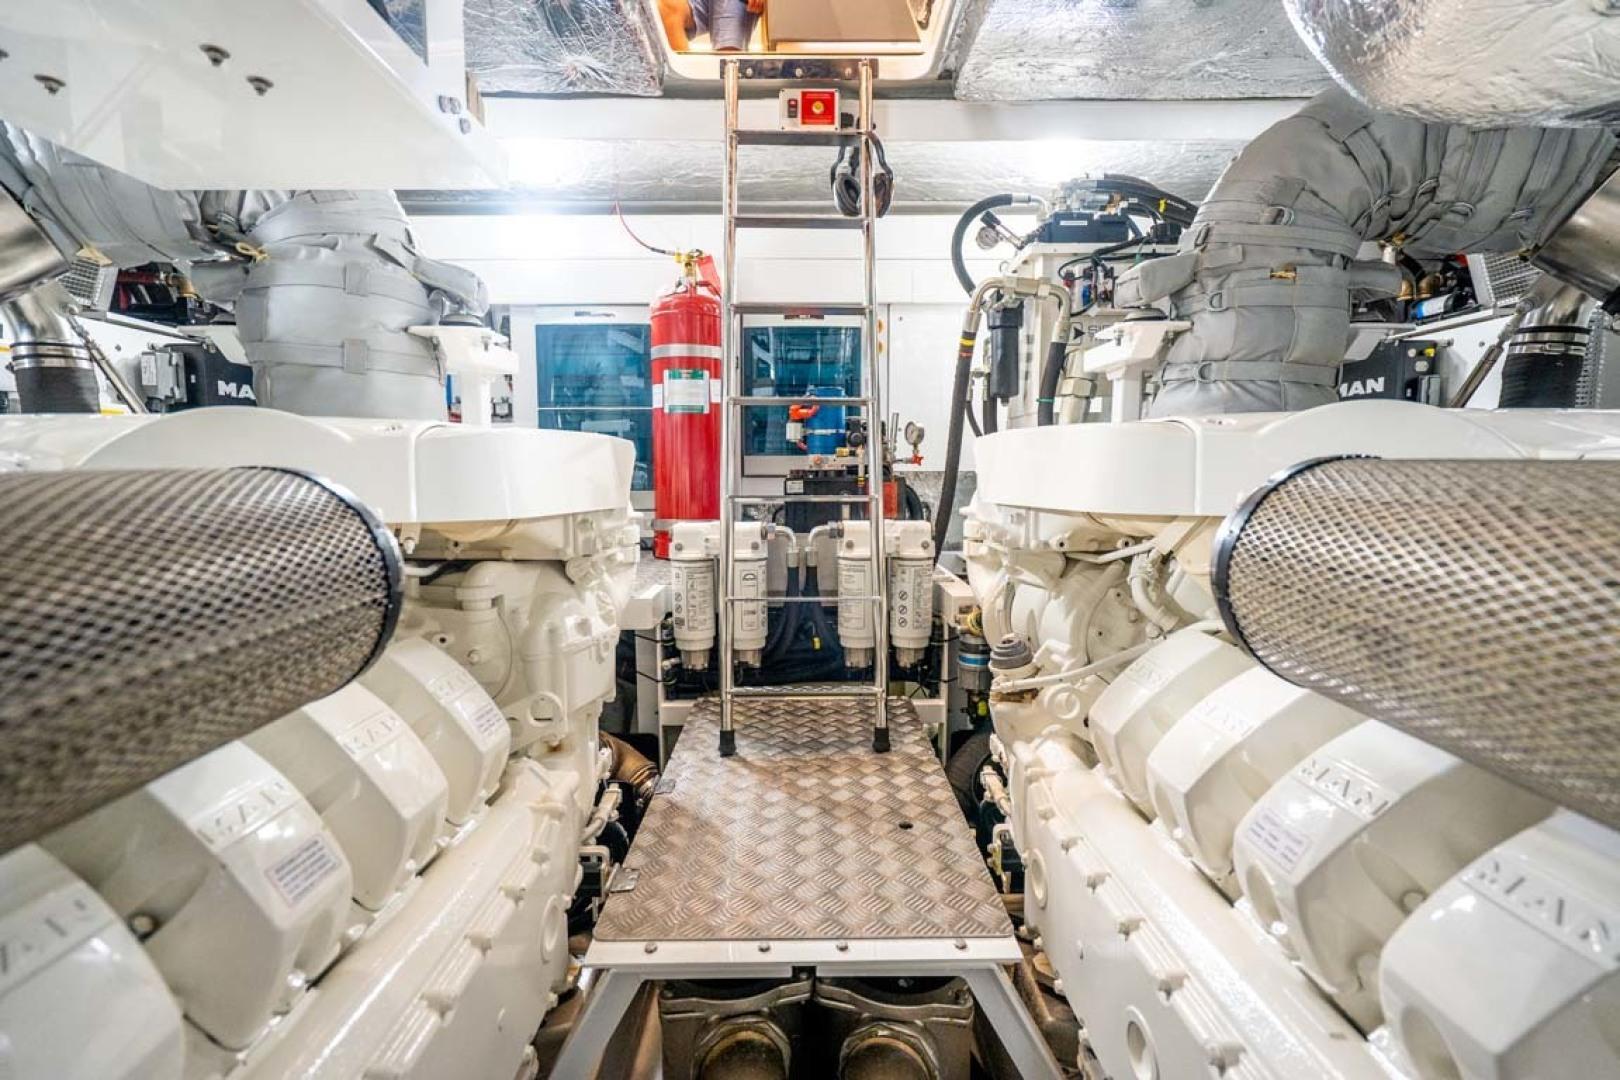 Sunseeker-Predator 2020-WIND@SEA Ft. Lauderdale-Florida-United States-Engine Room-1457481 | Thumbnail